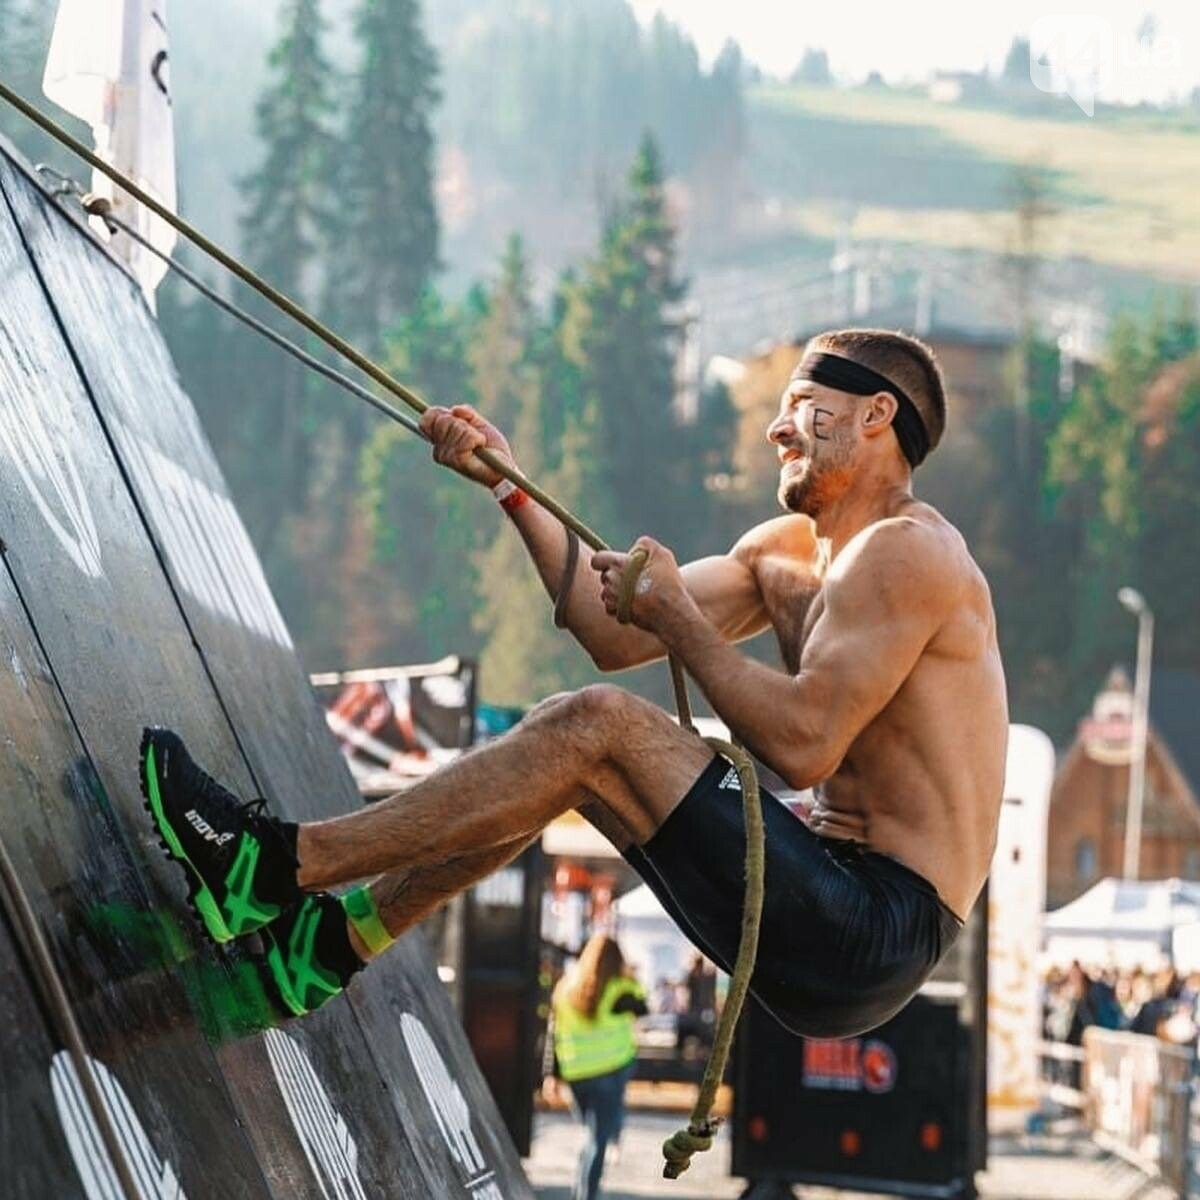 15 мая в Киеве состоится масштабный экстремальный забег с препятствиями Race Nation, фото-4